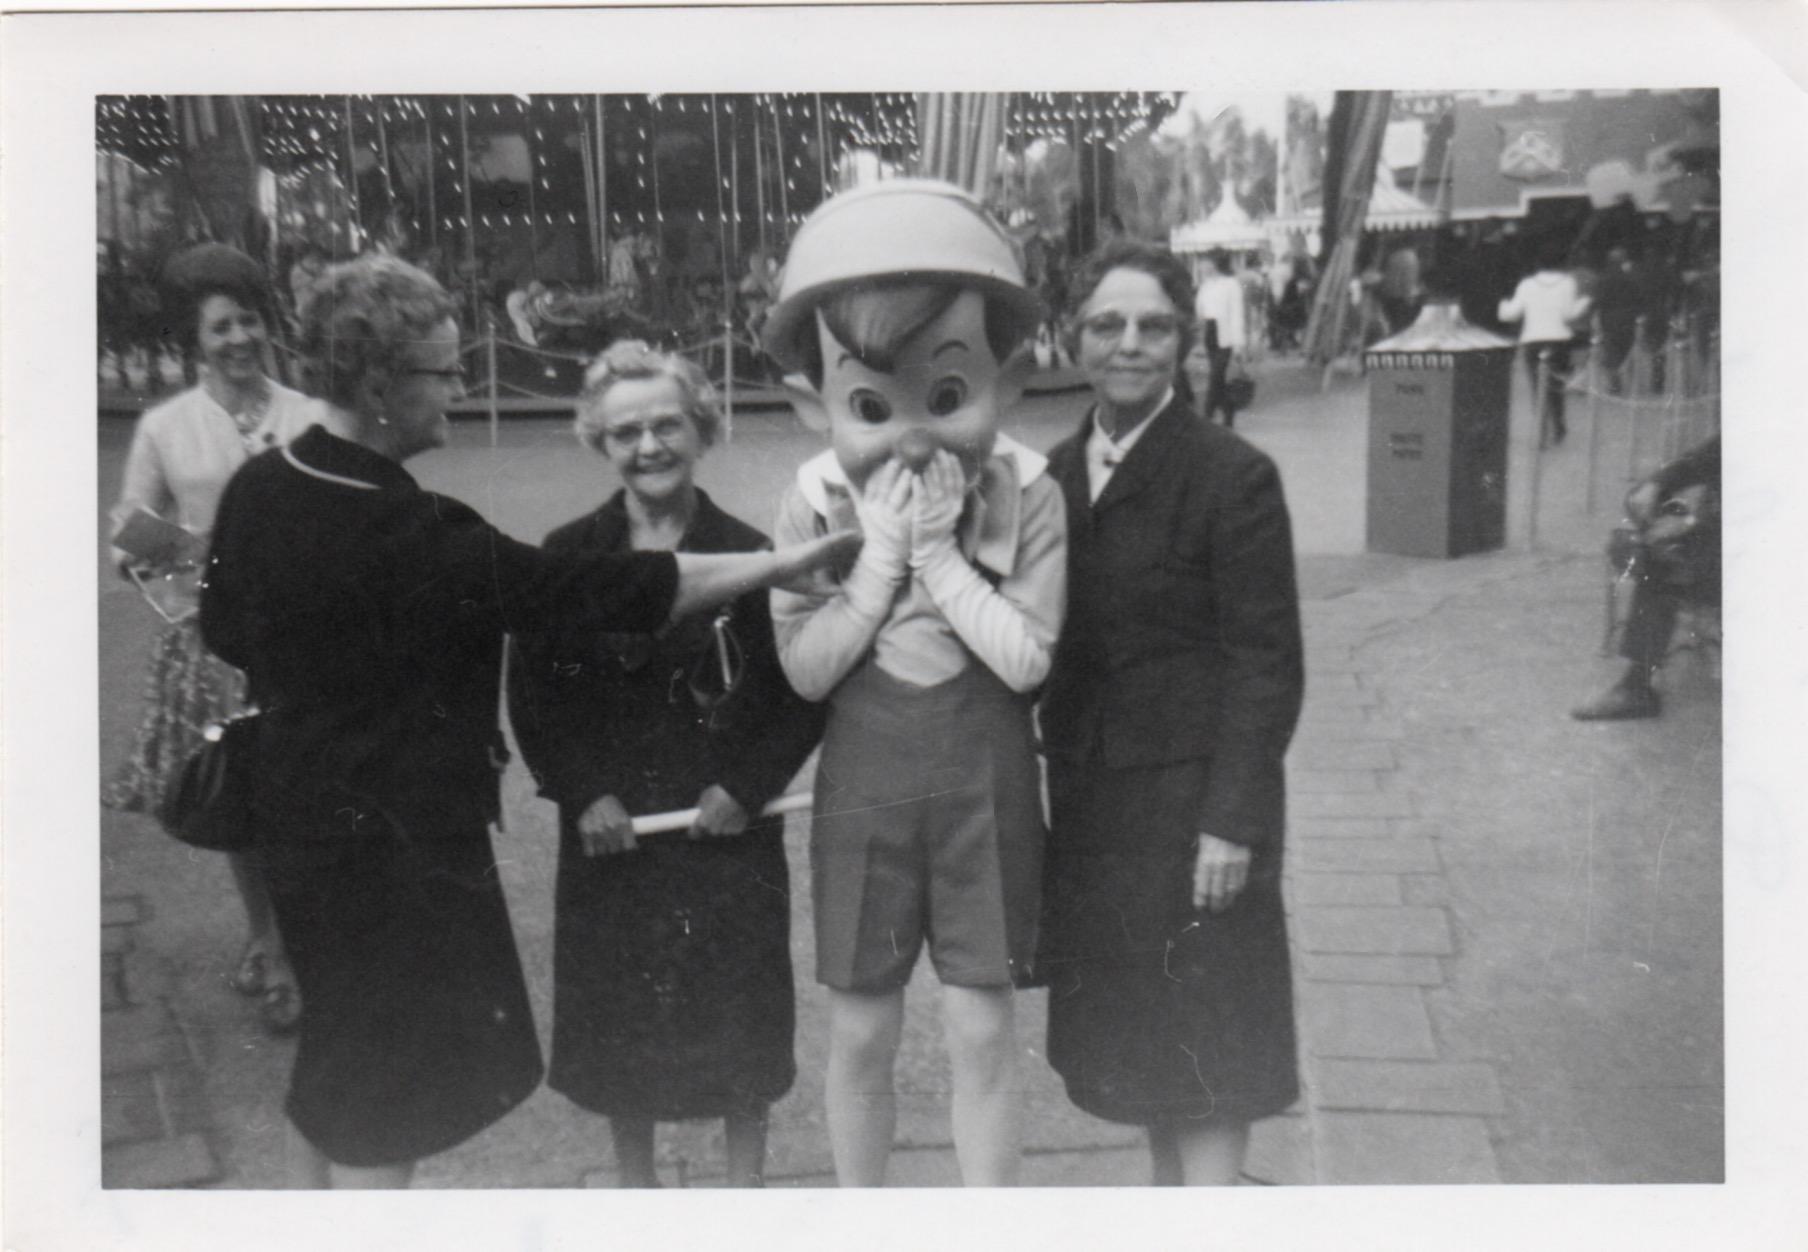 Disneyland, 1965 - Pinocchio